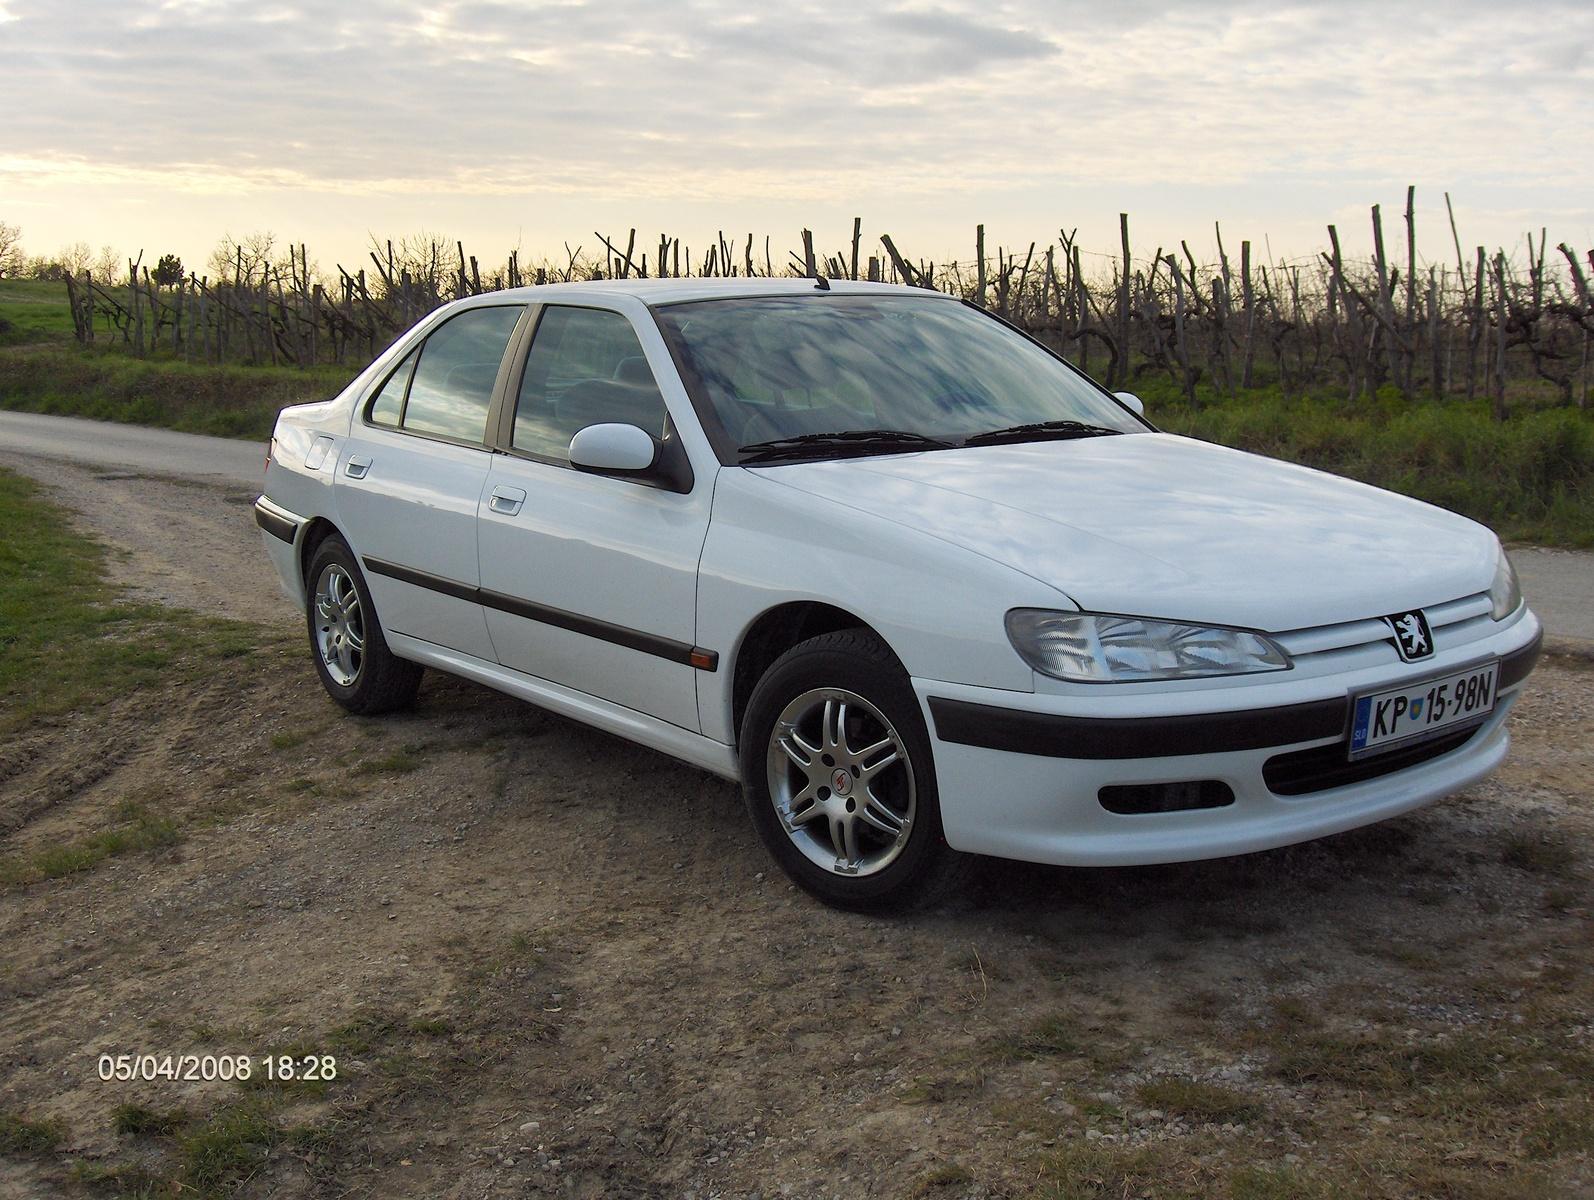 1998 Peugeot 406 Pictures Cargurus